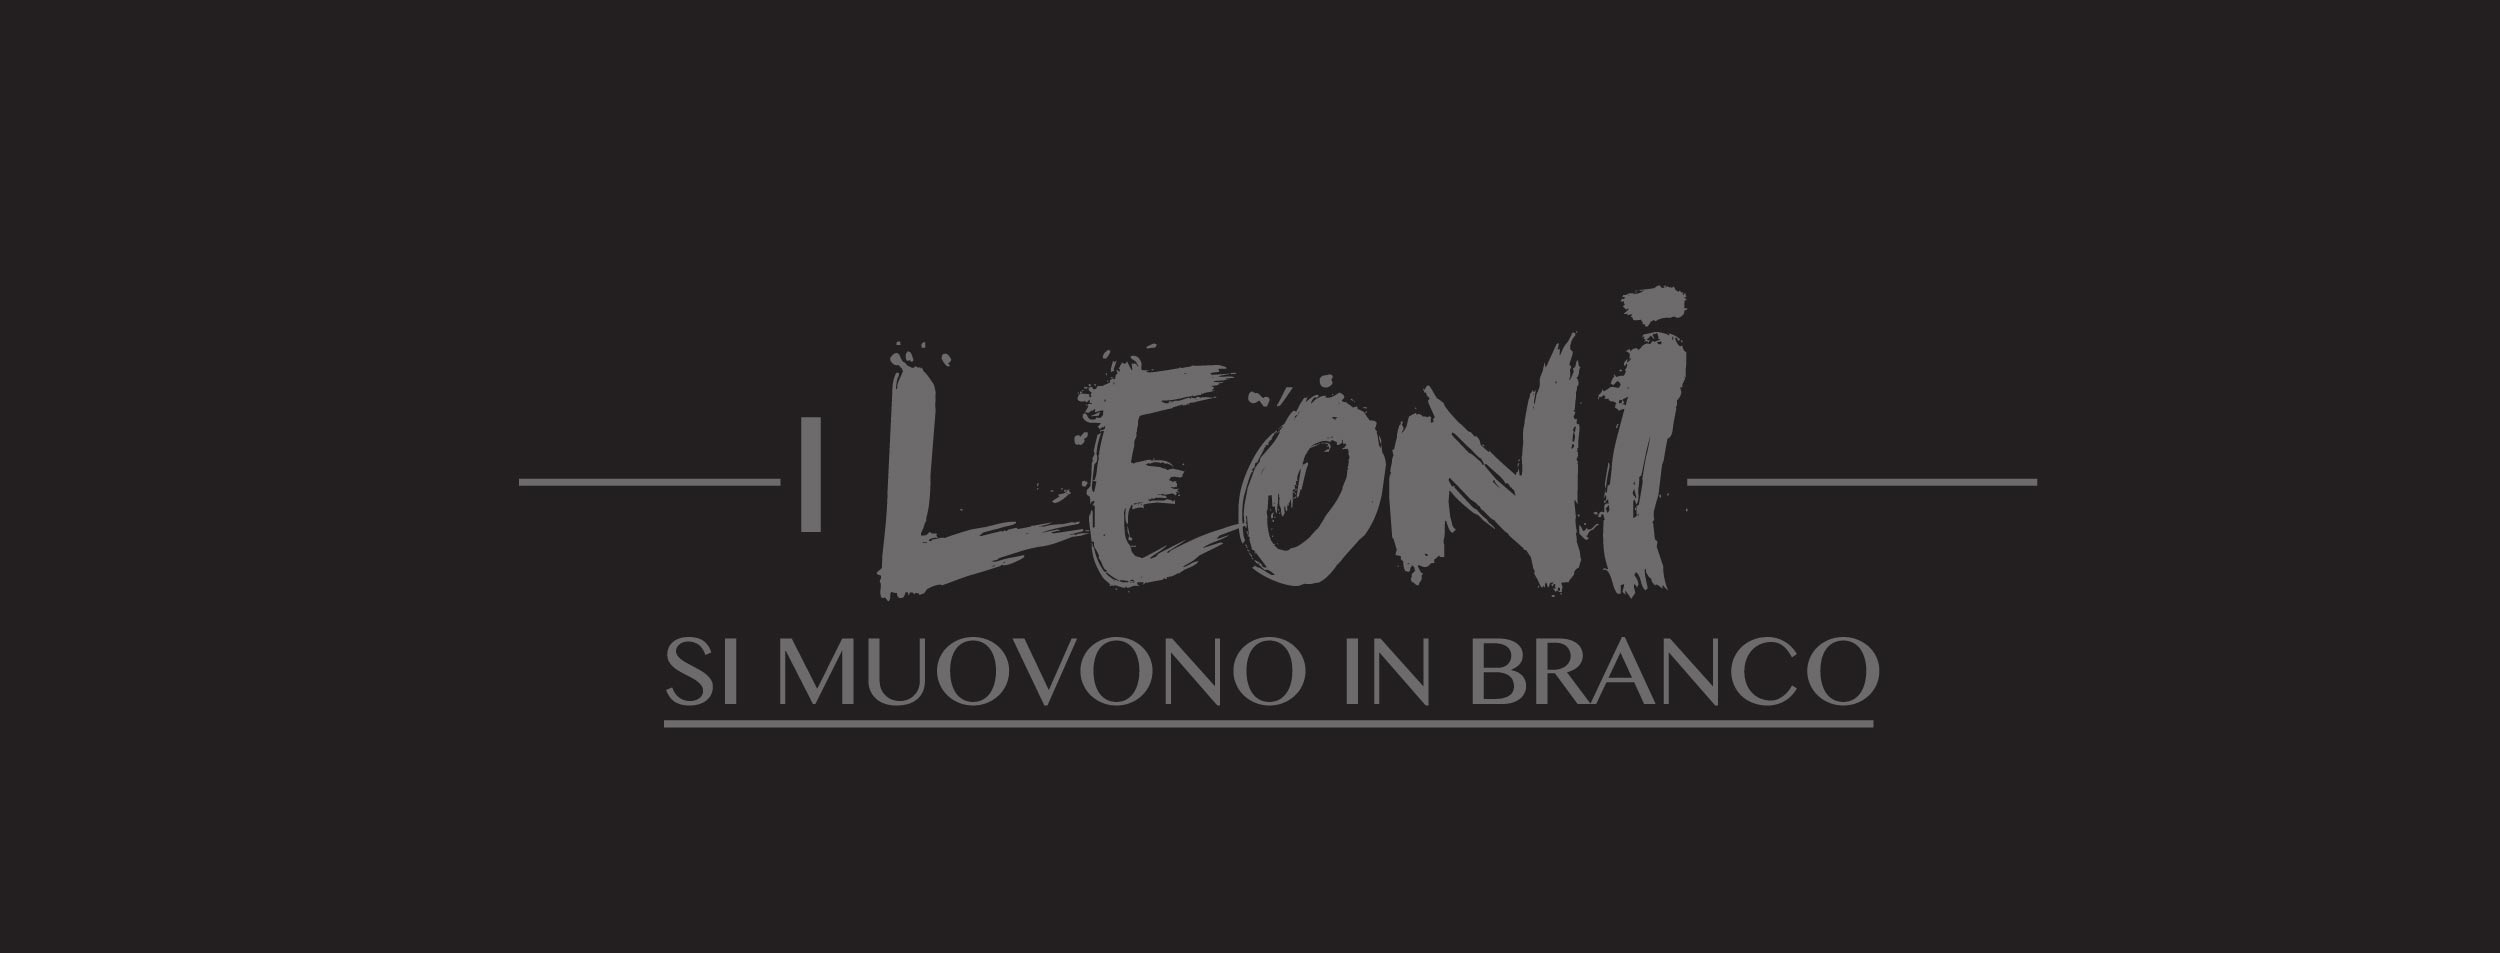 Bg claim Leoni in Branco